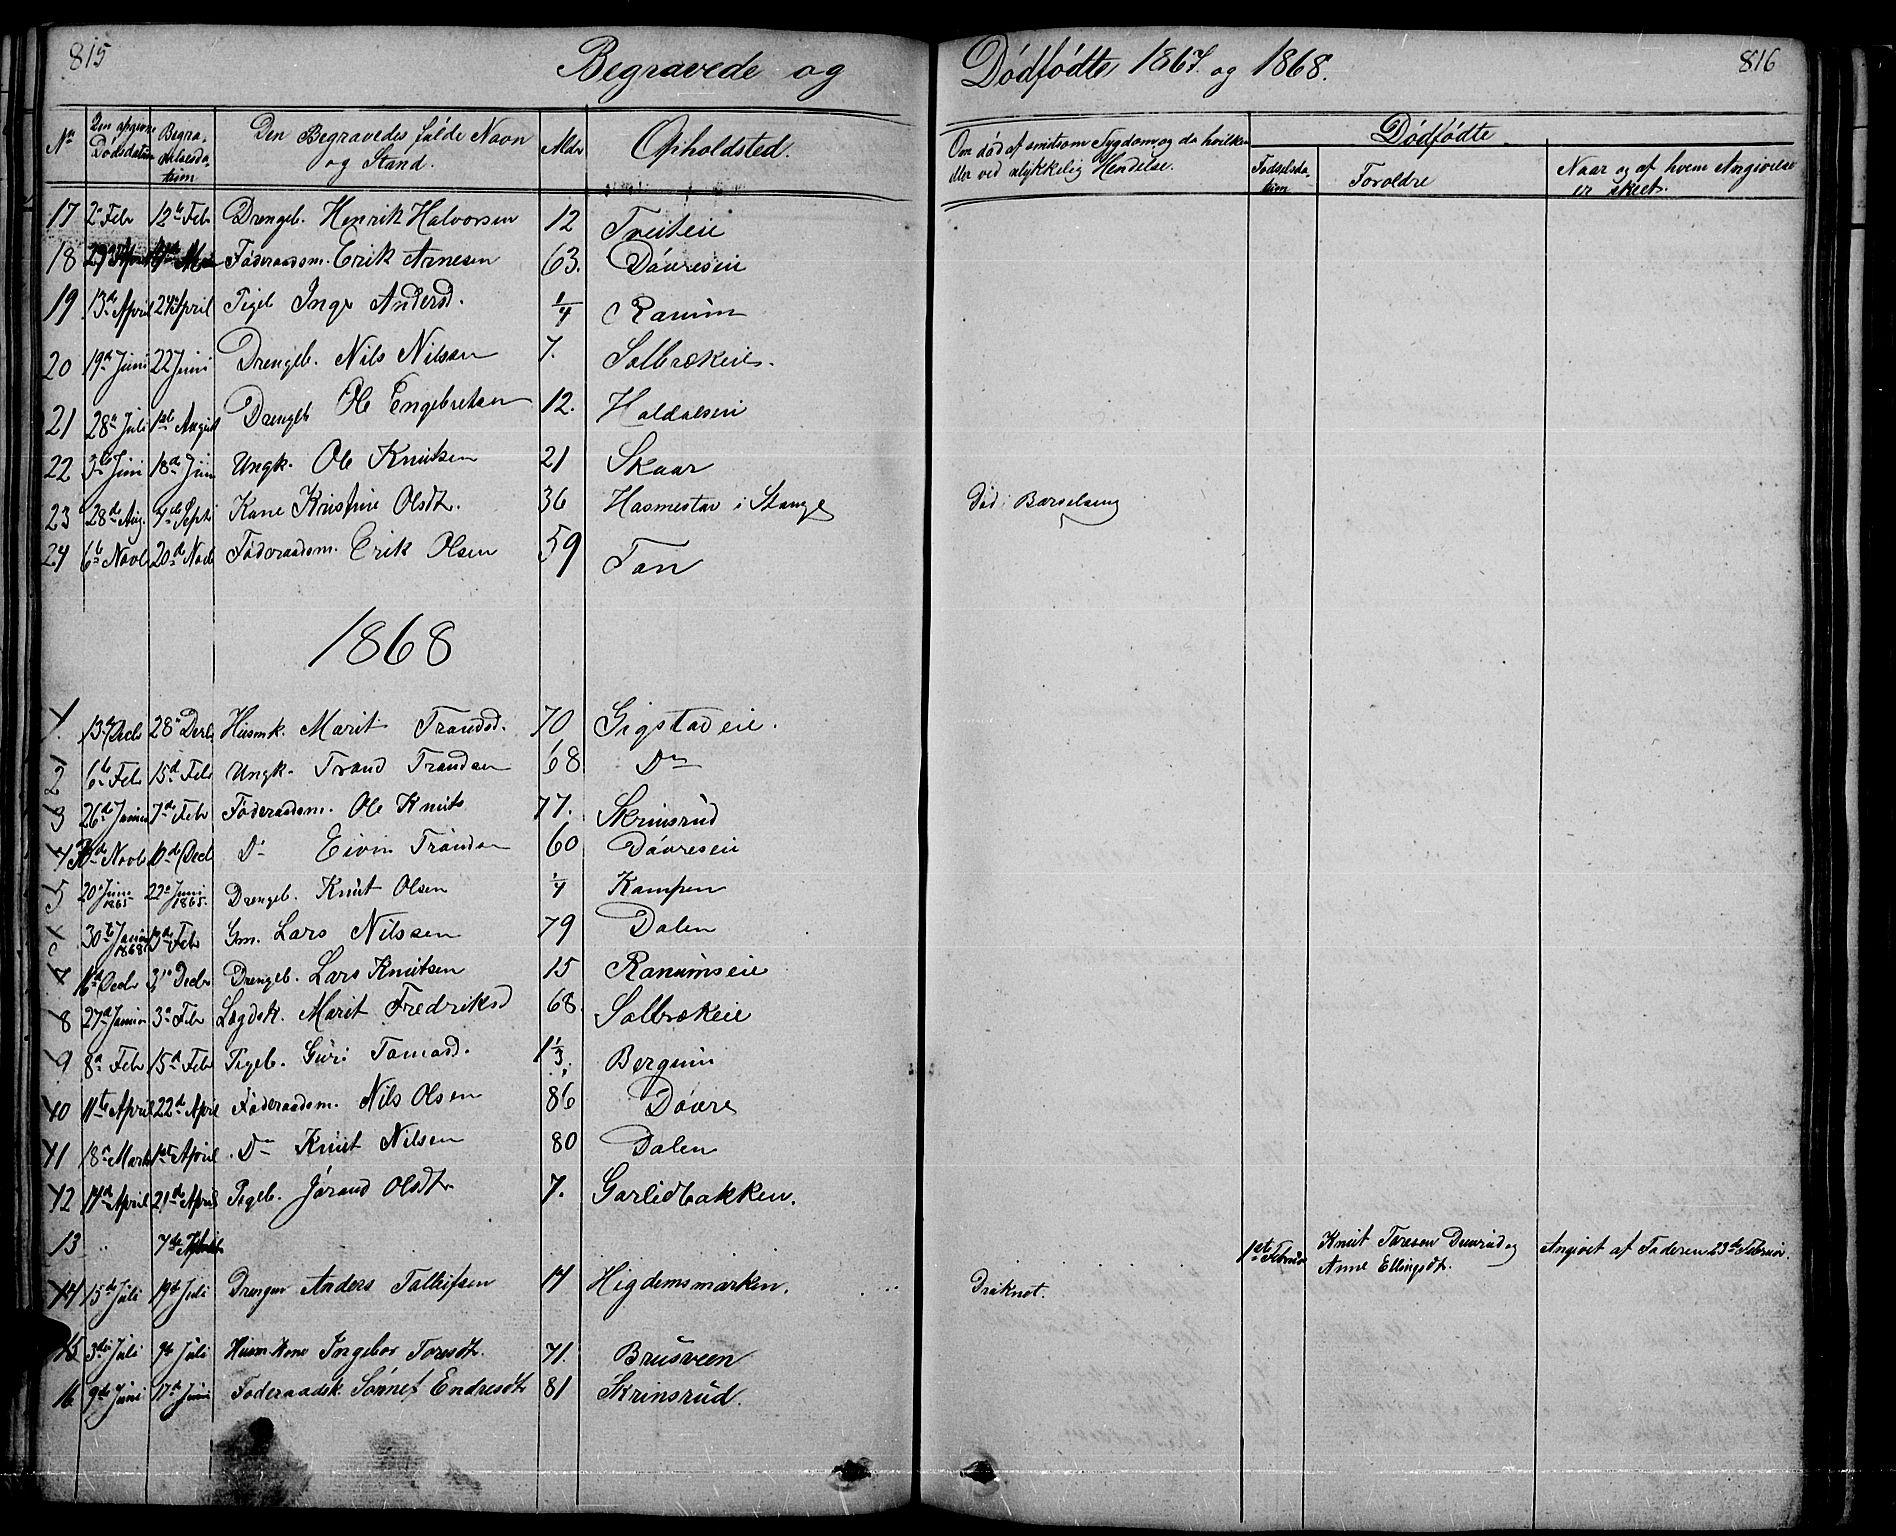 SAH, Nord-Aurdal prestekontor, Klokkerbok nr. 1, 1834-1887, s. 815-816